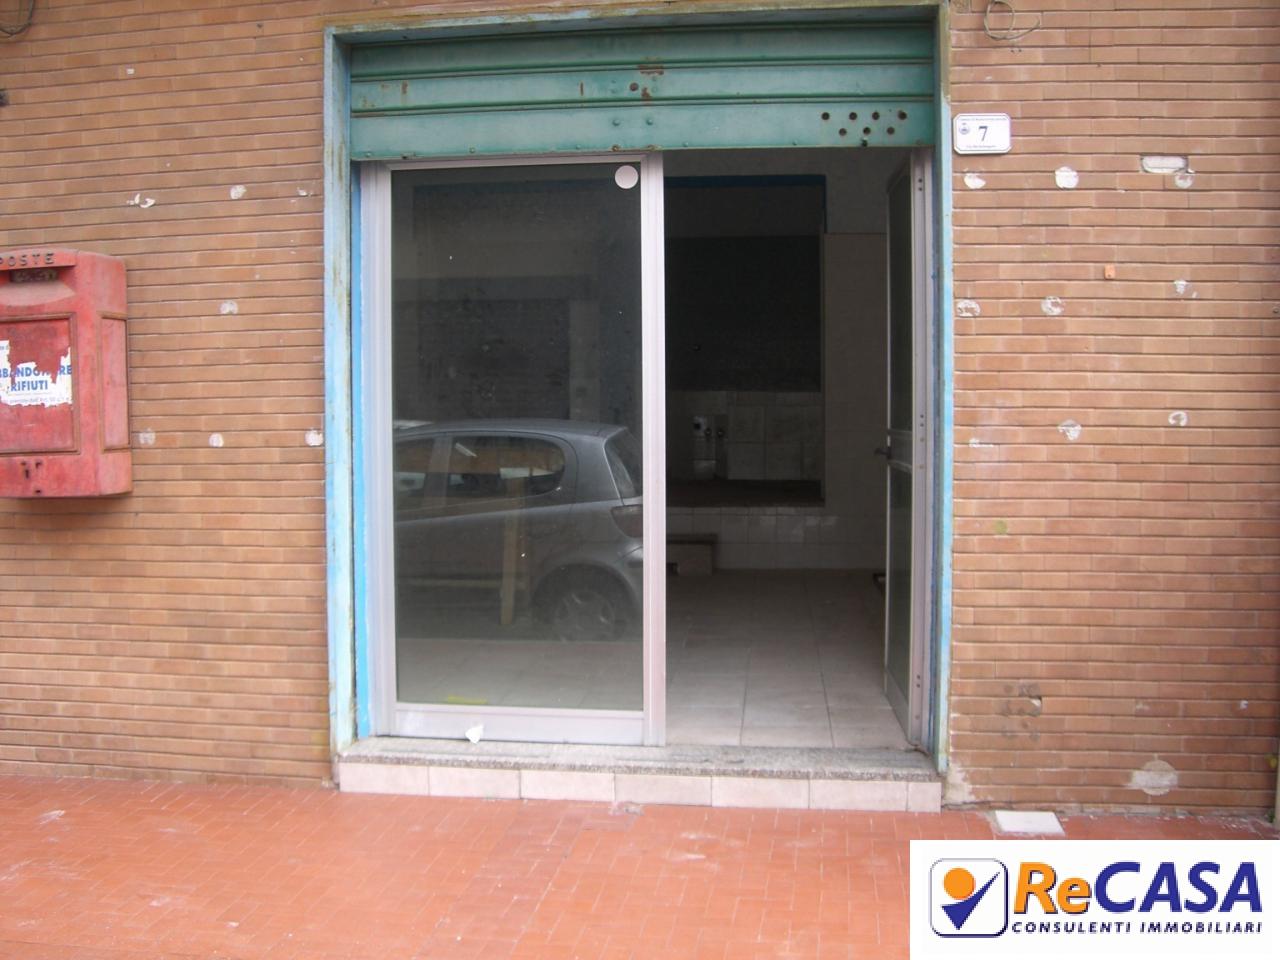 Negozio / Locale in affitto a Montecorvino Rovella, 9999 locali, zona Località: Centro, prezzo € 200 | Cambio Casa.it